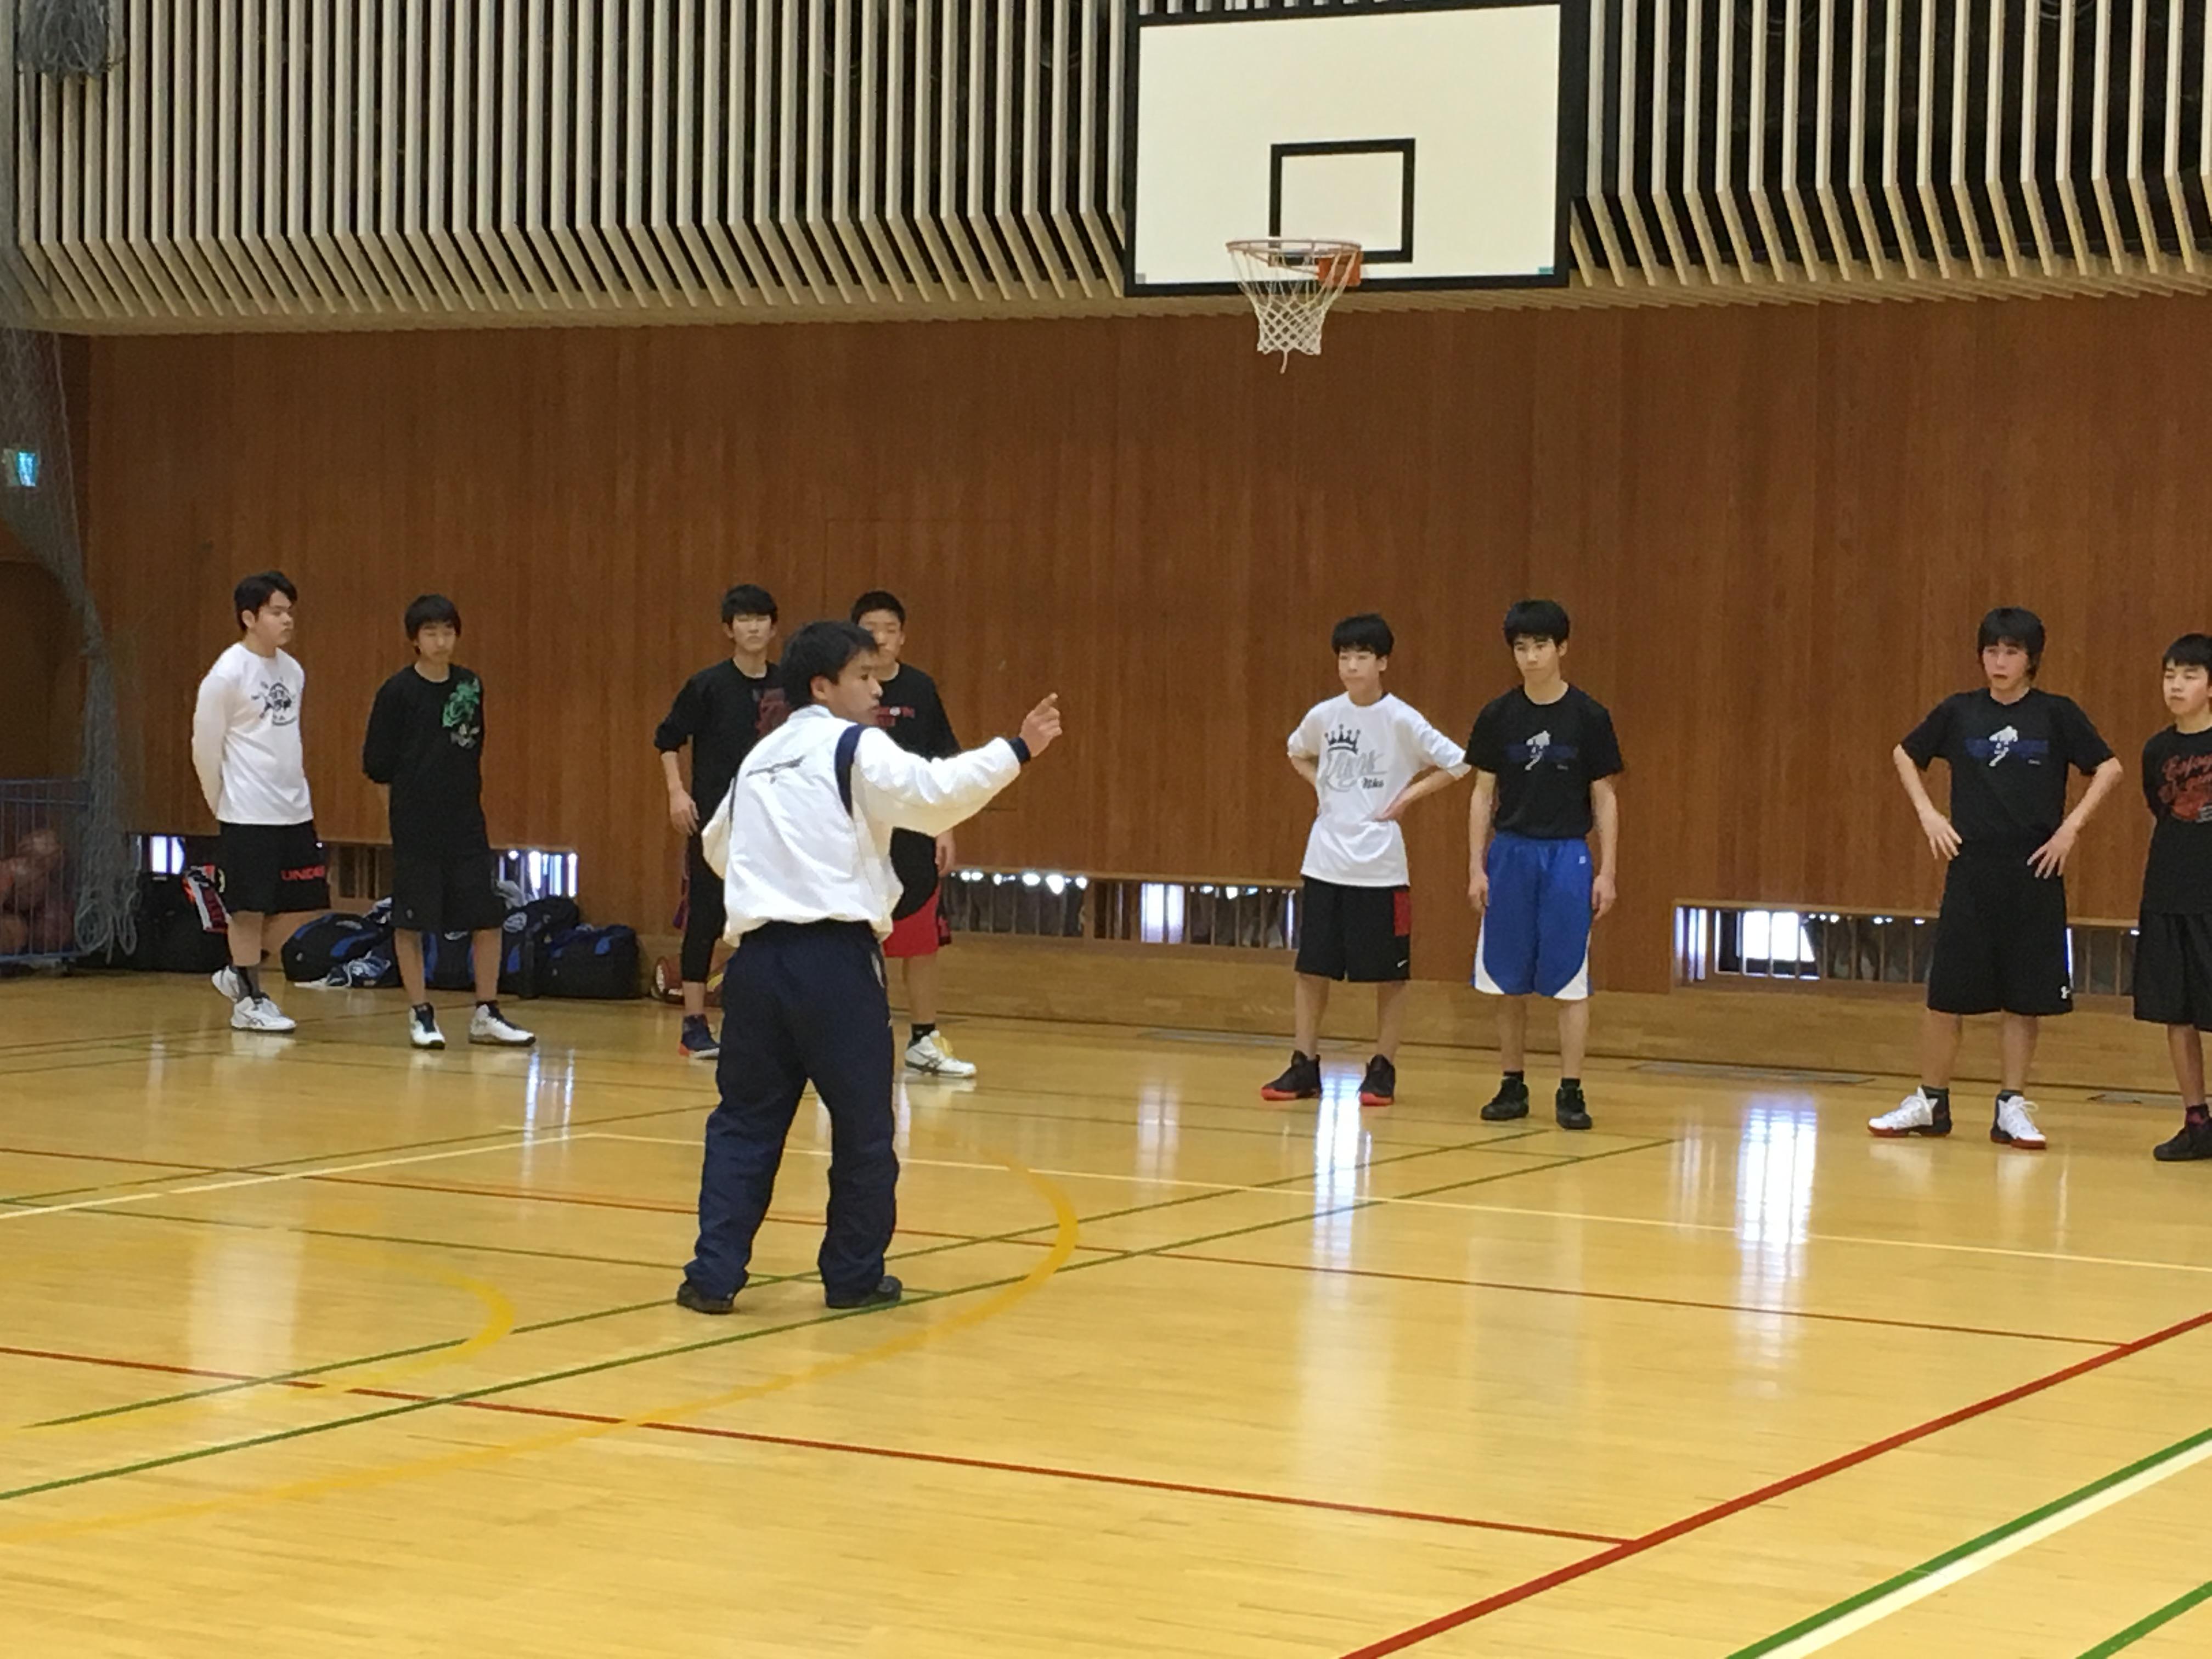 大阪 市立 東 中学校